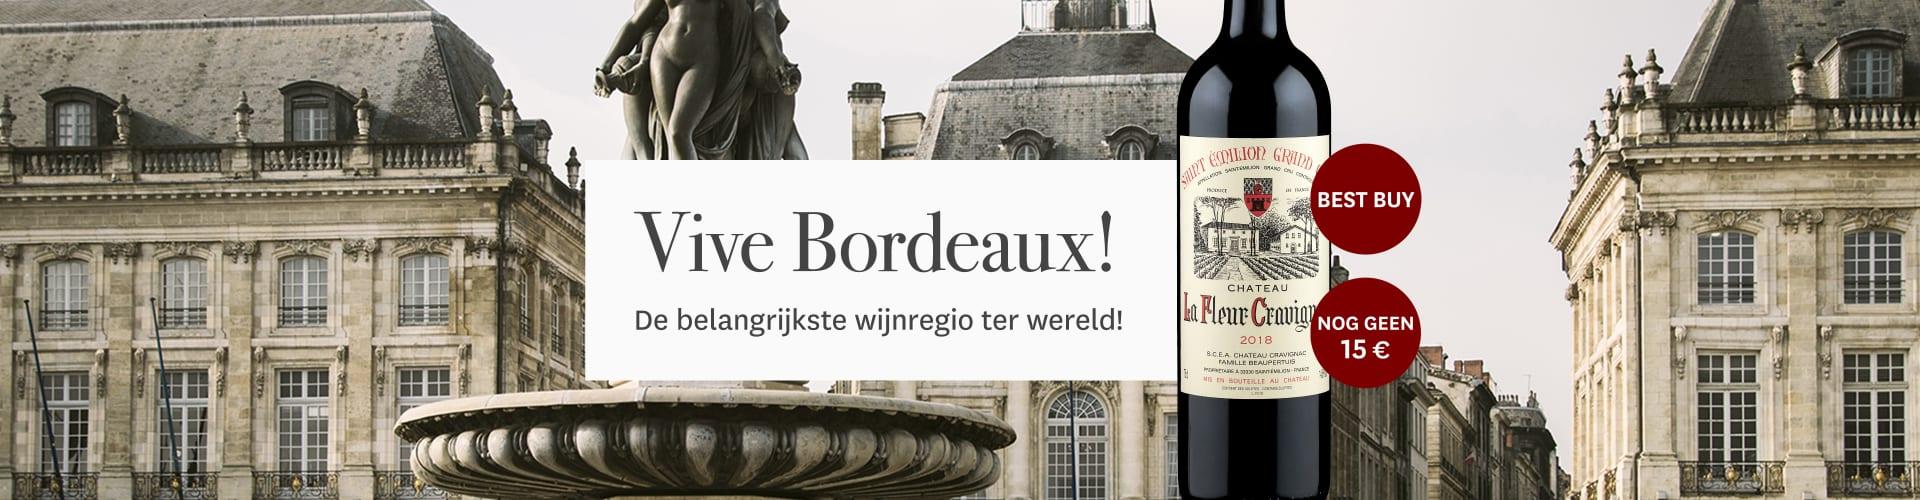 Onze actuele Bordeaux-wijn voor stadslandschap